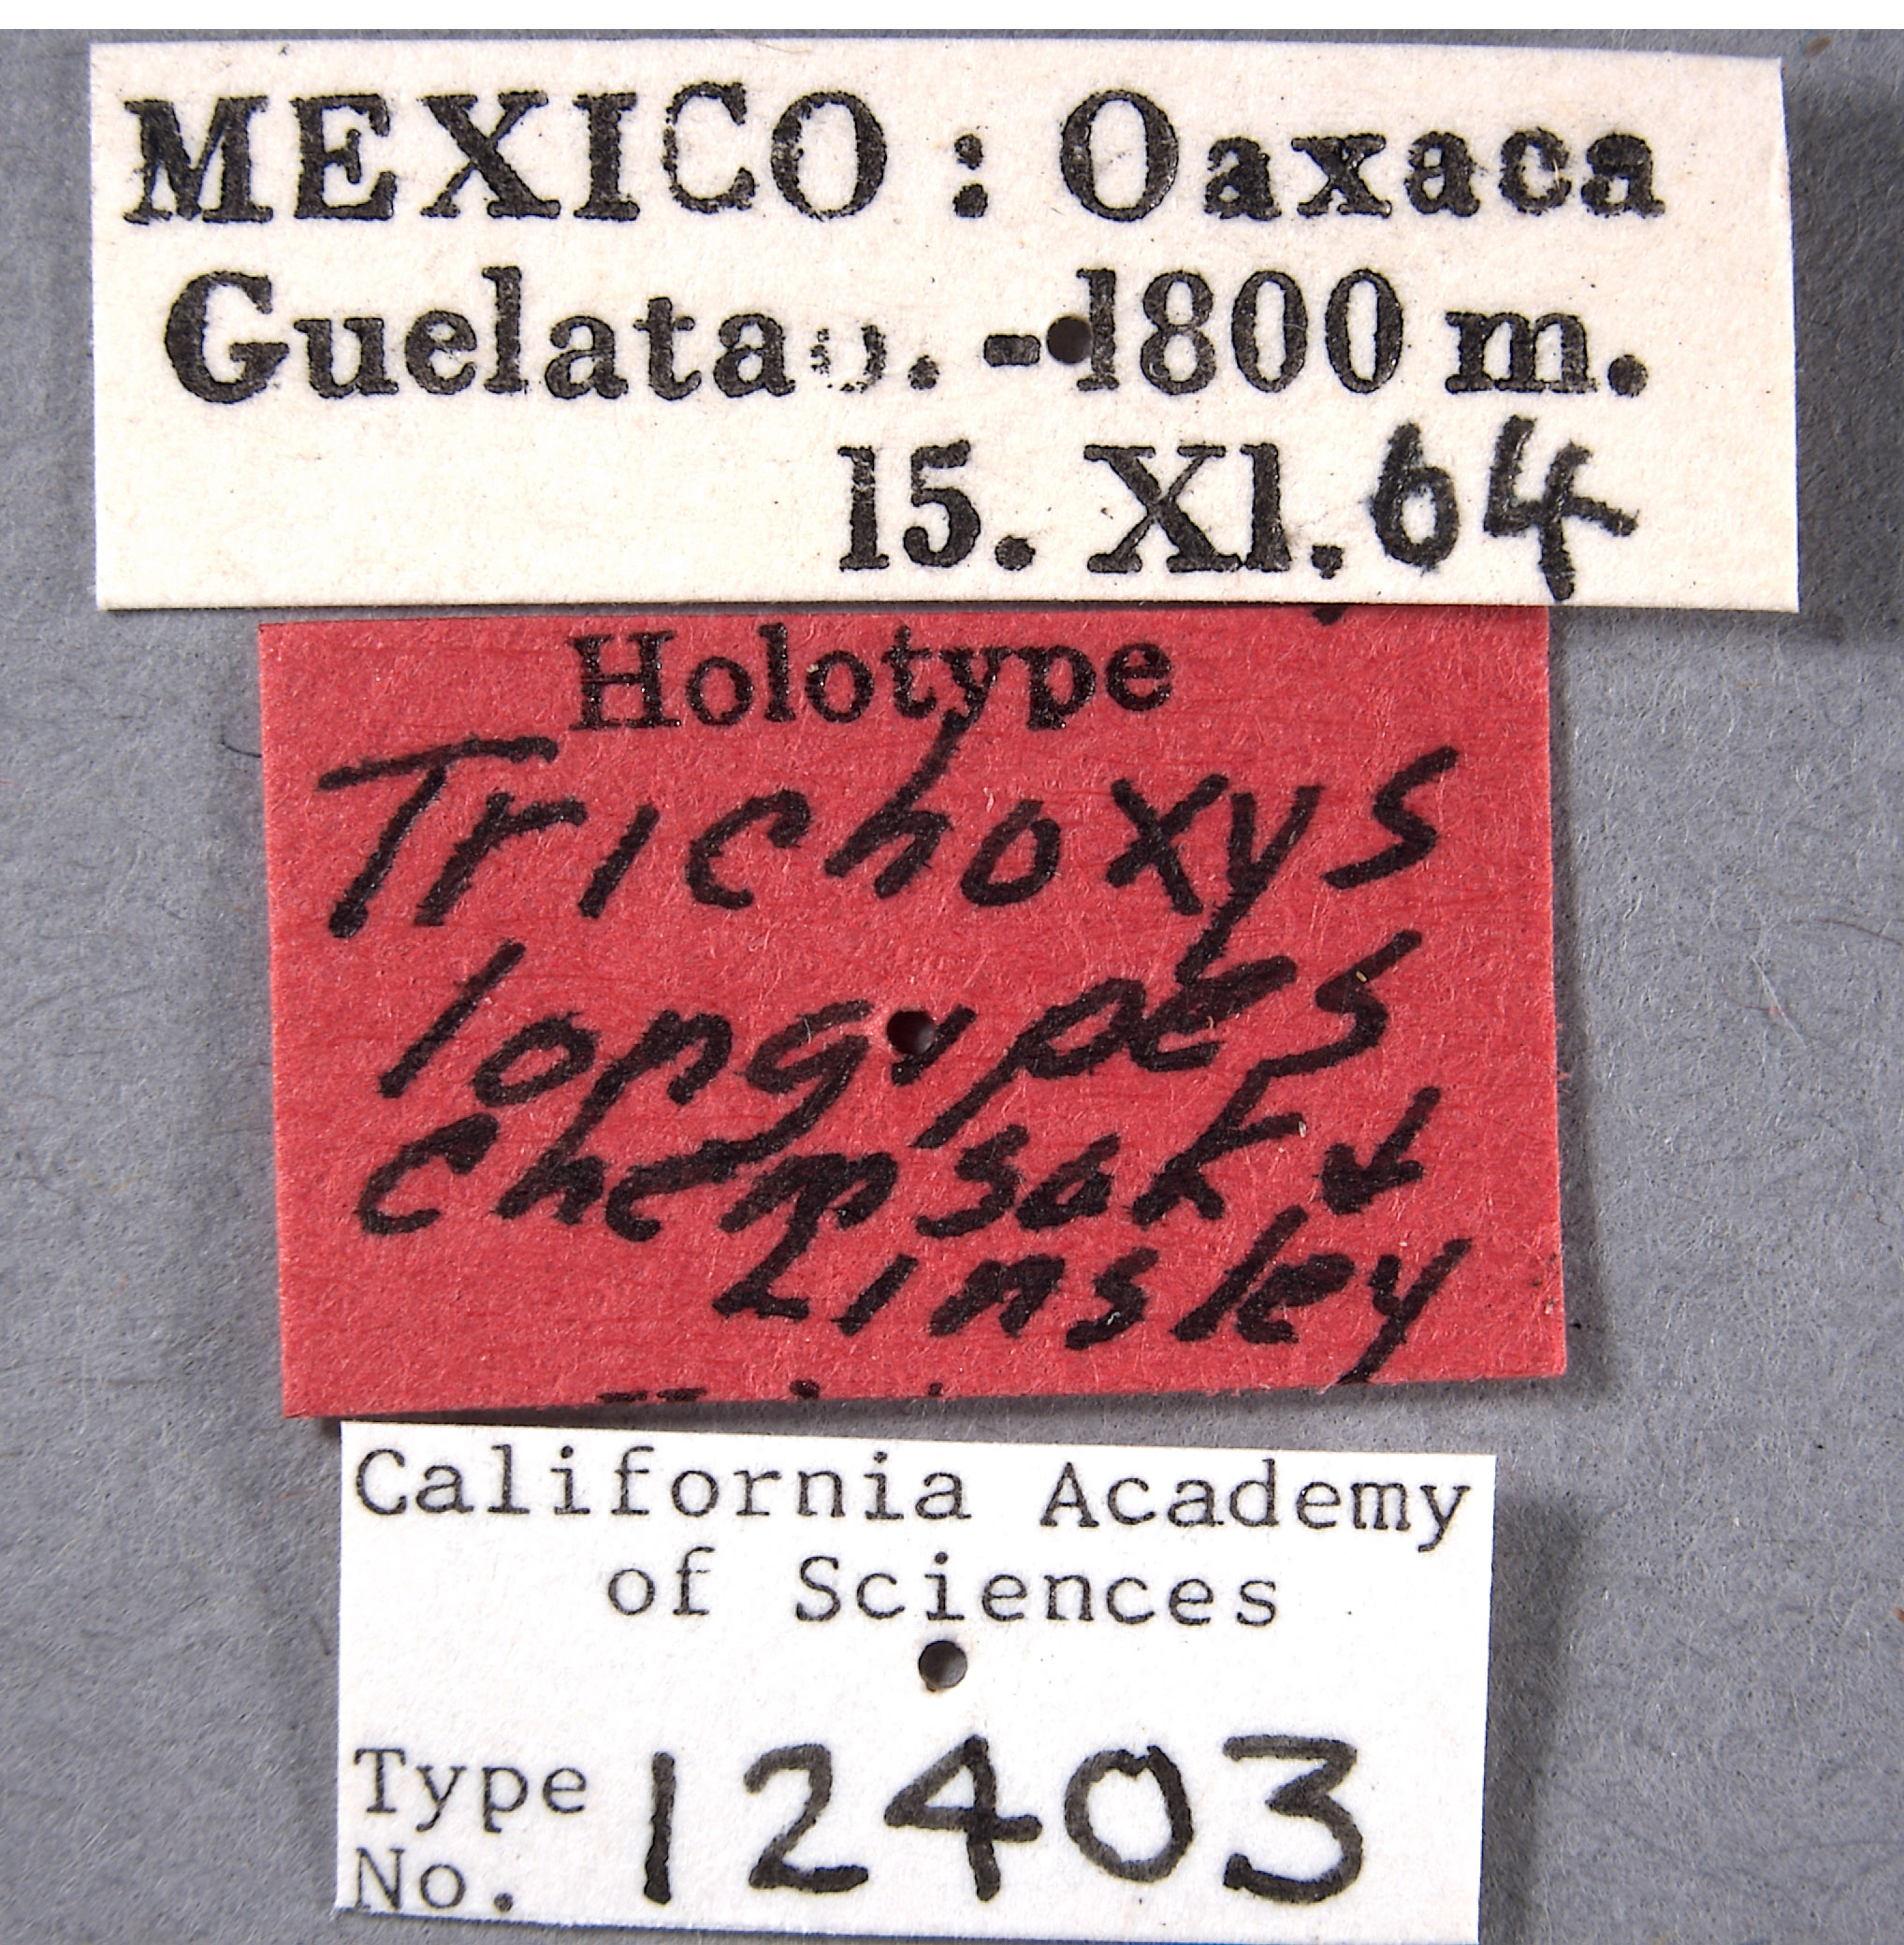 Trichoxys image